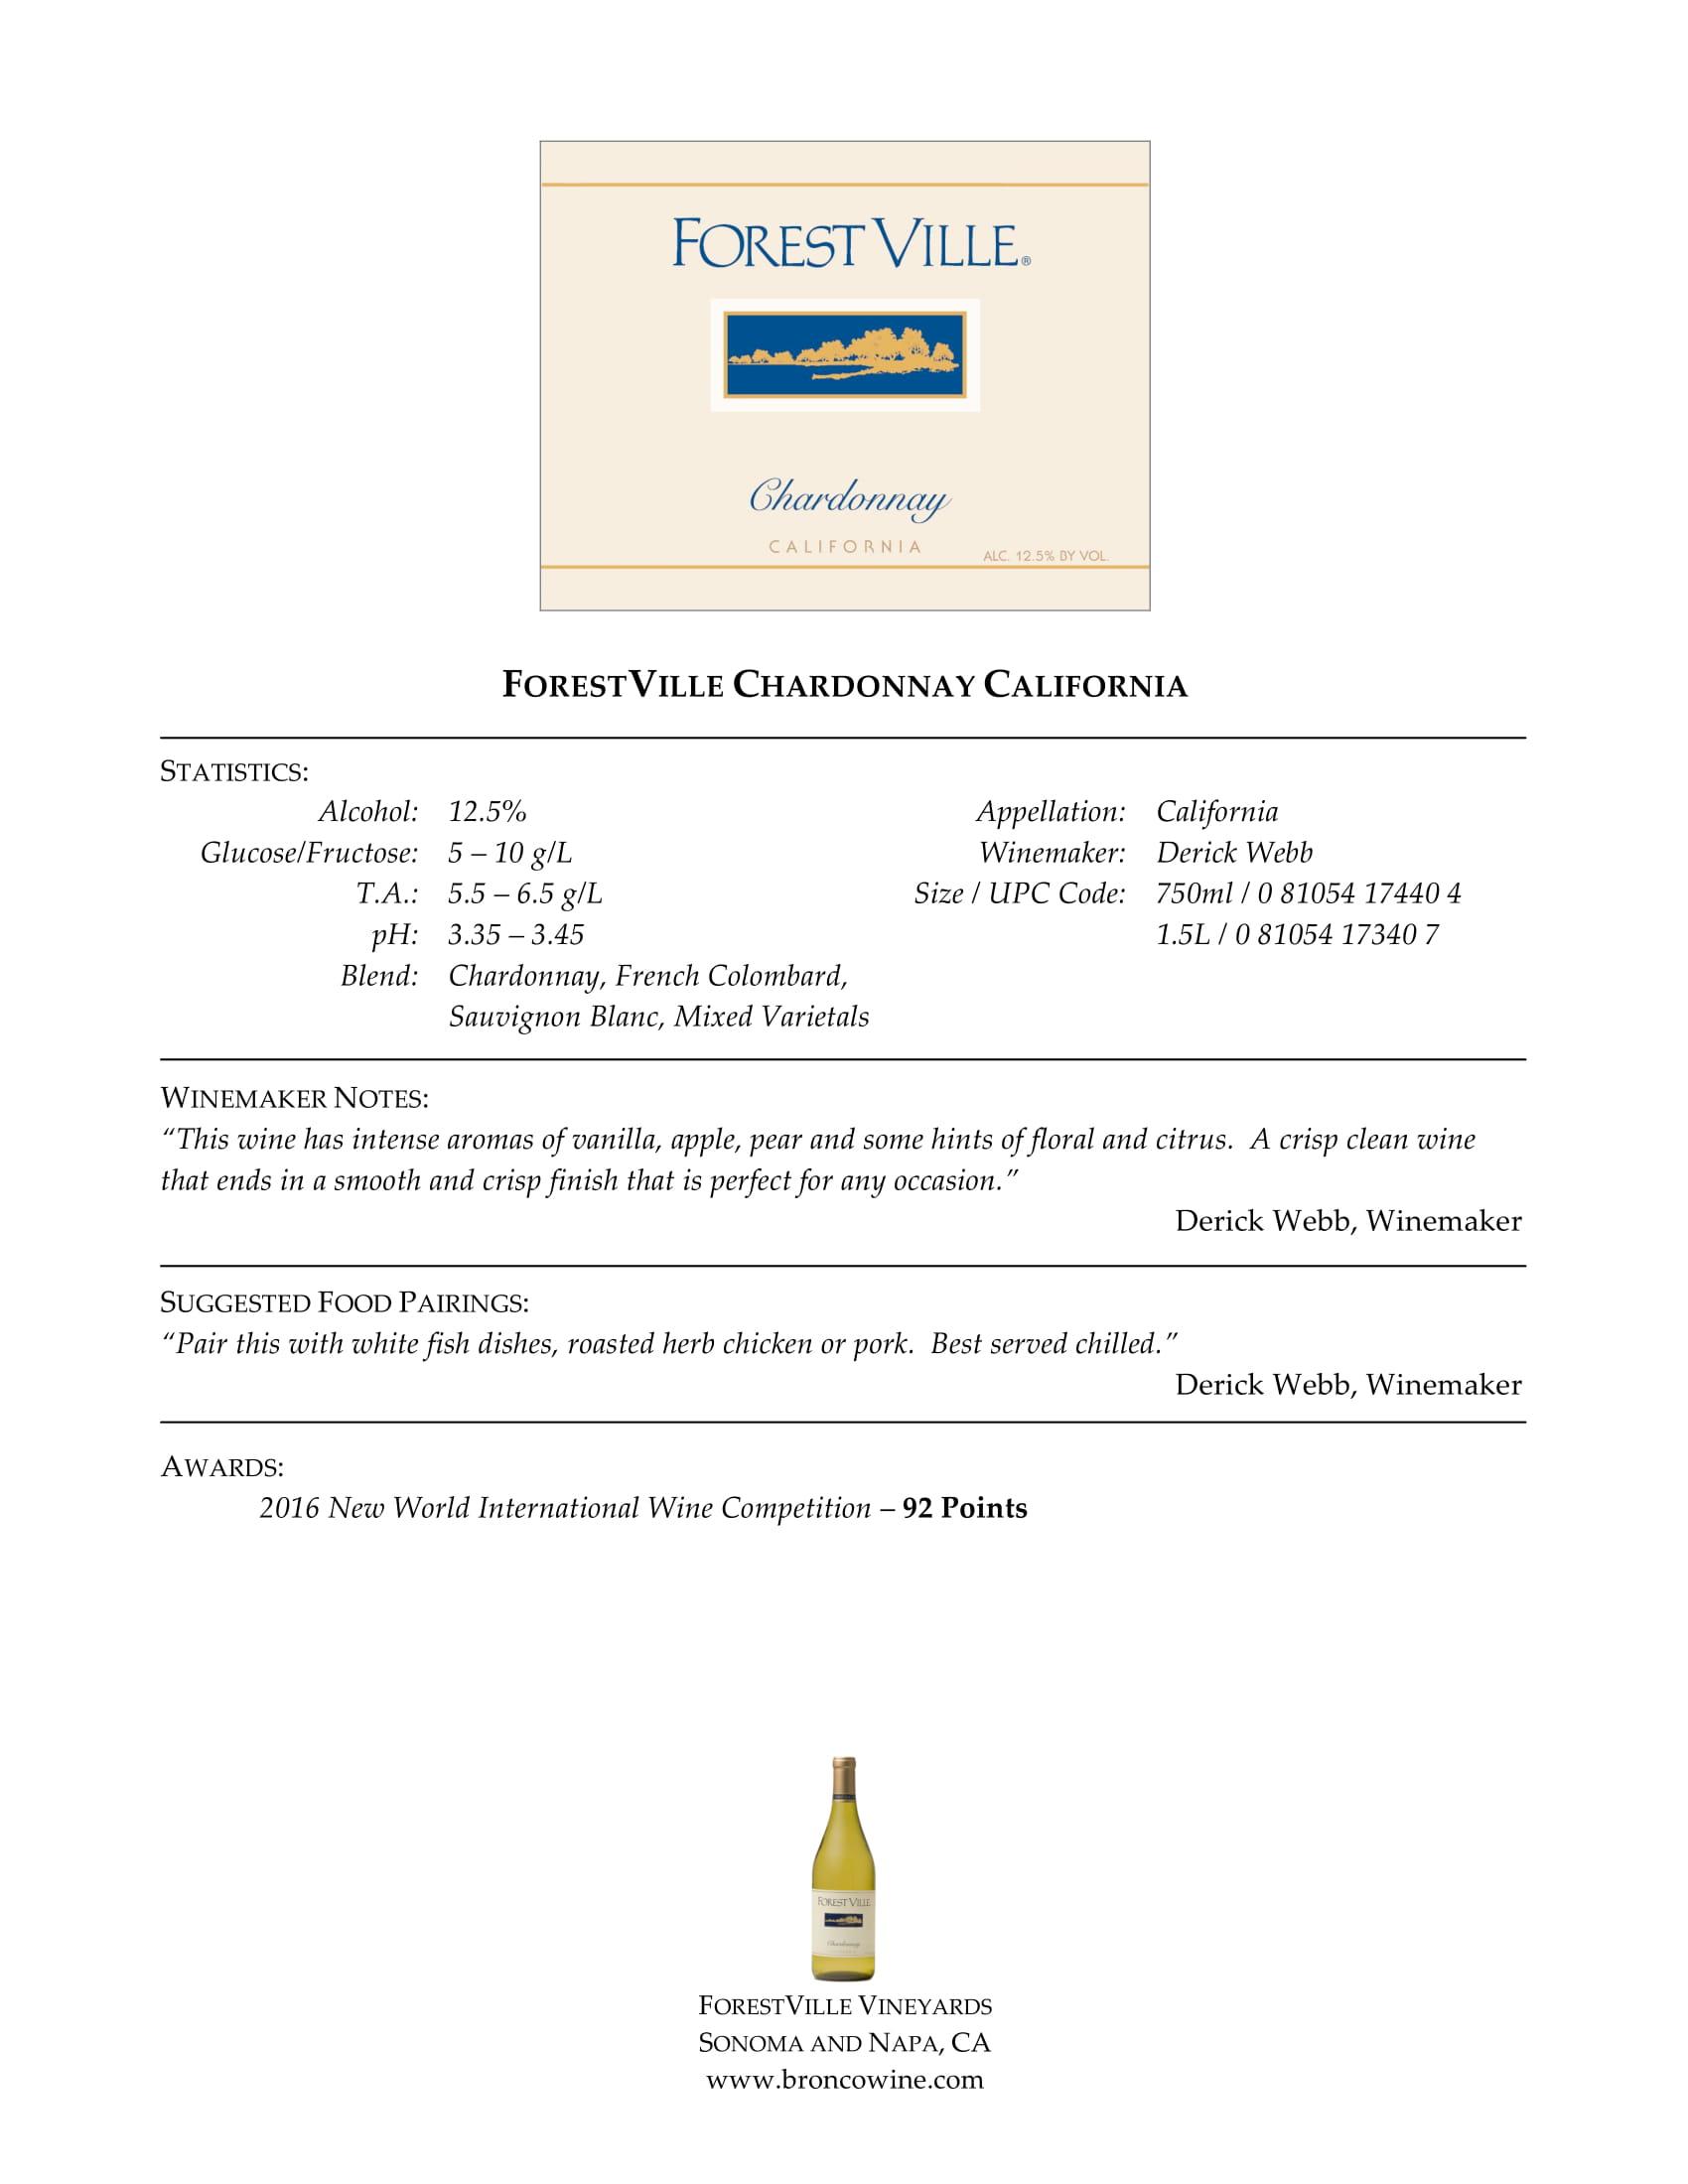 Forest Ville Chardonnay Tech Sheet